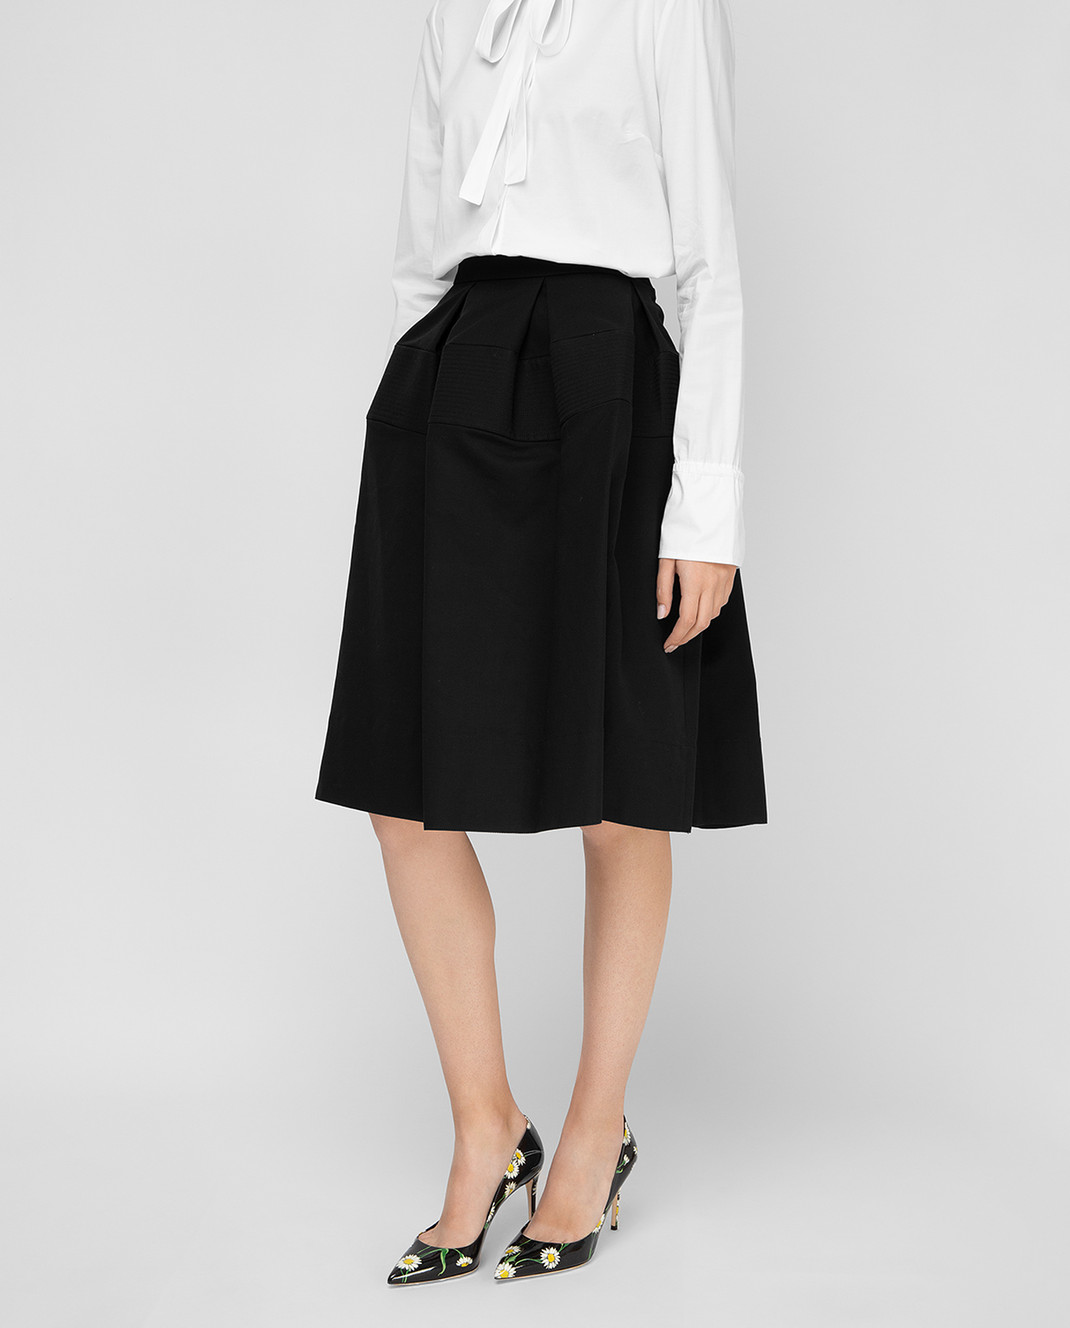 Balenciaga Черная юбка 413384 изображение 3